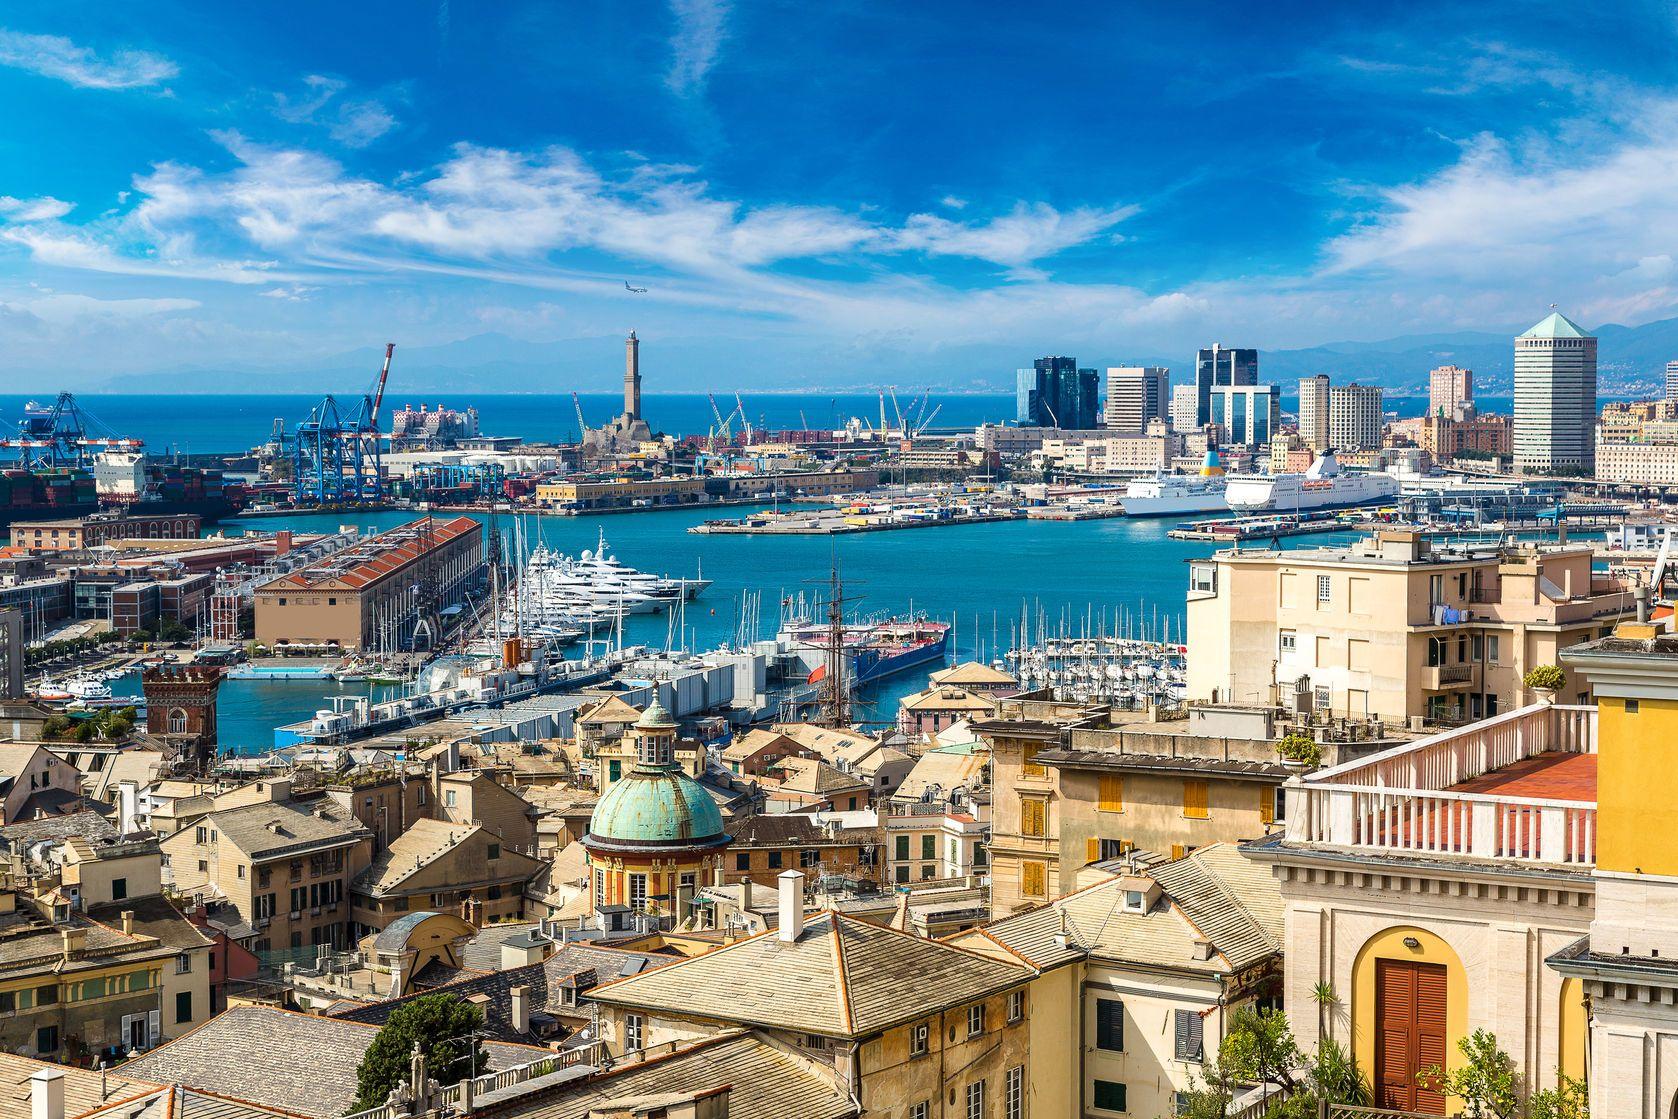 Pohled na město Janov v Itálii | bloodua/123RF.com